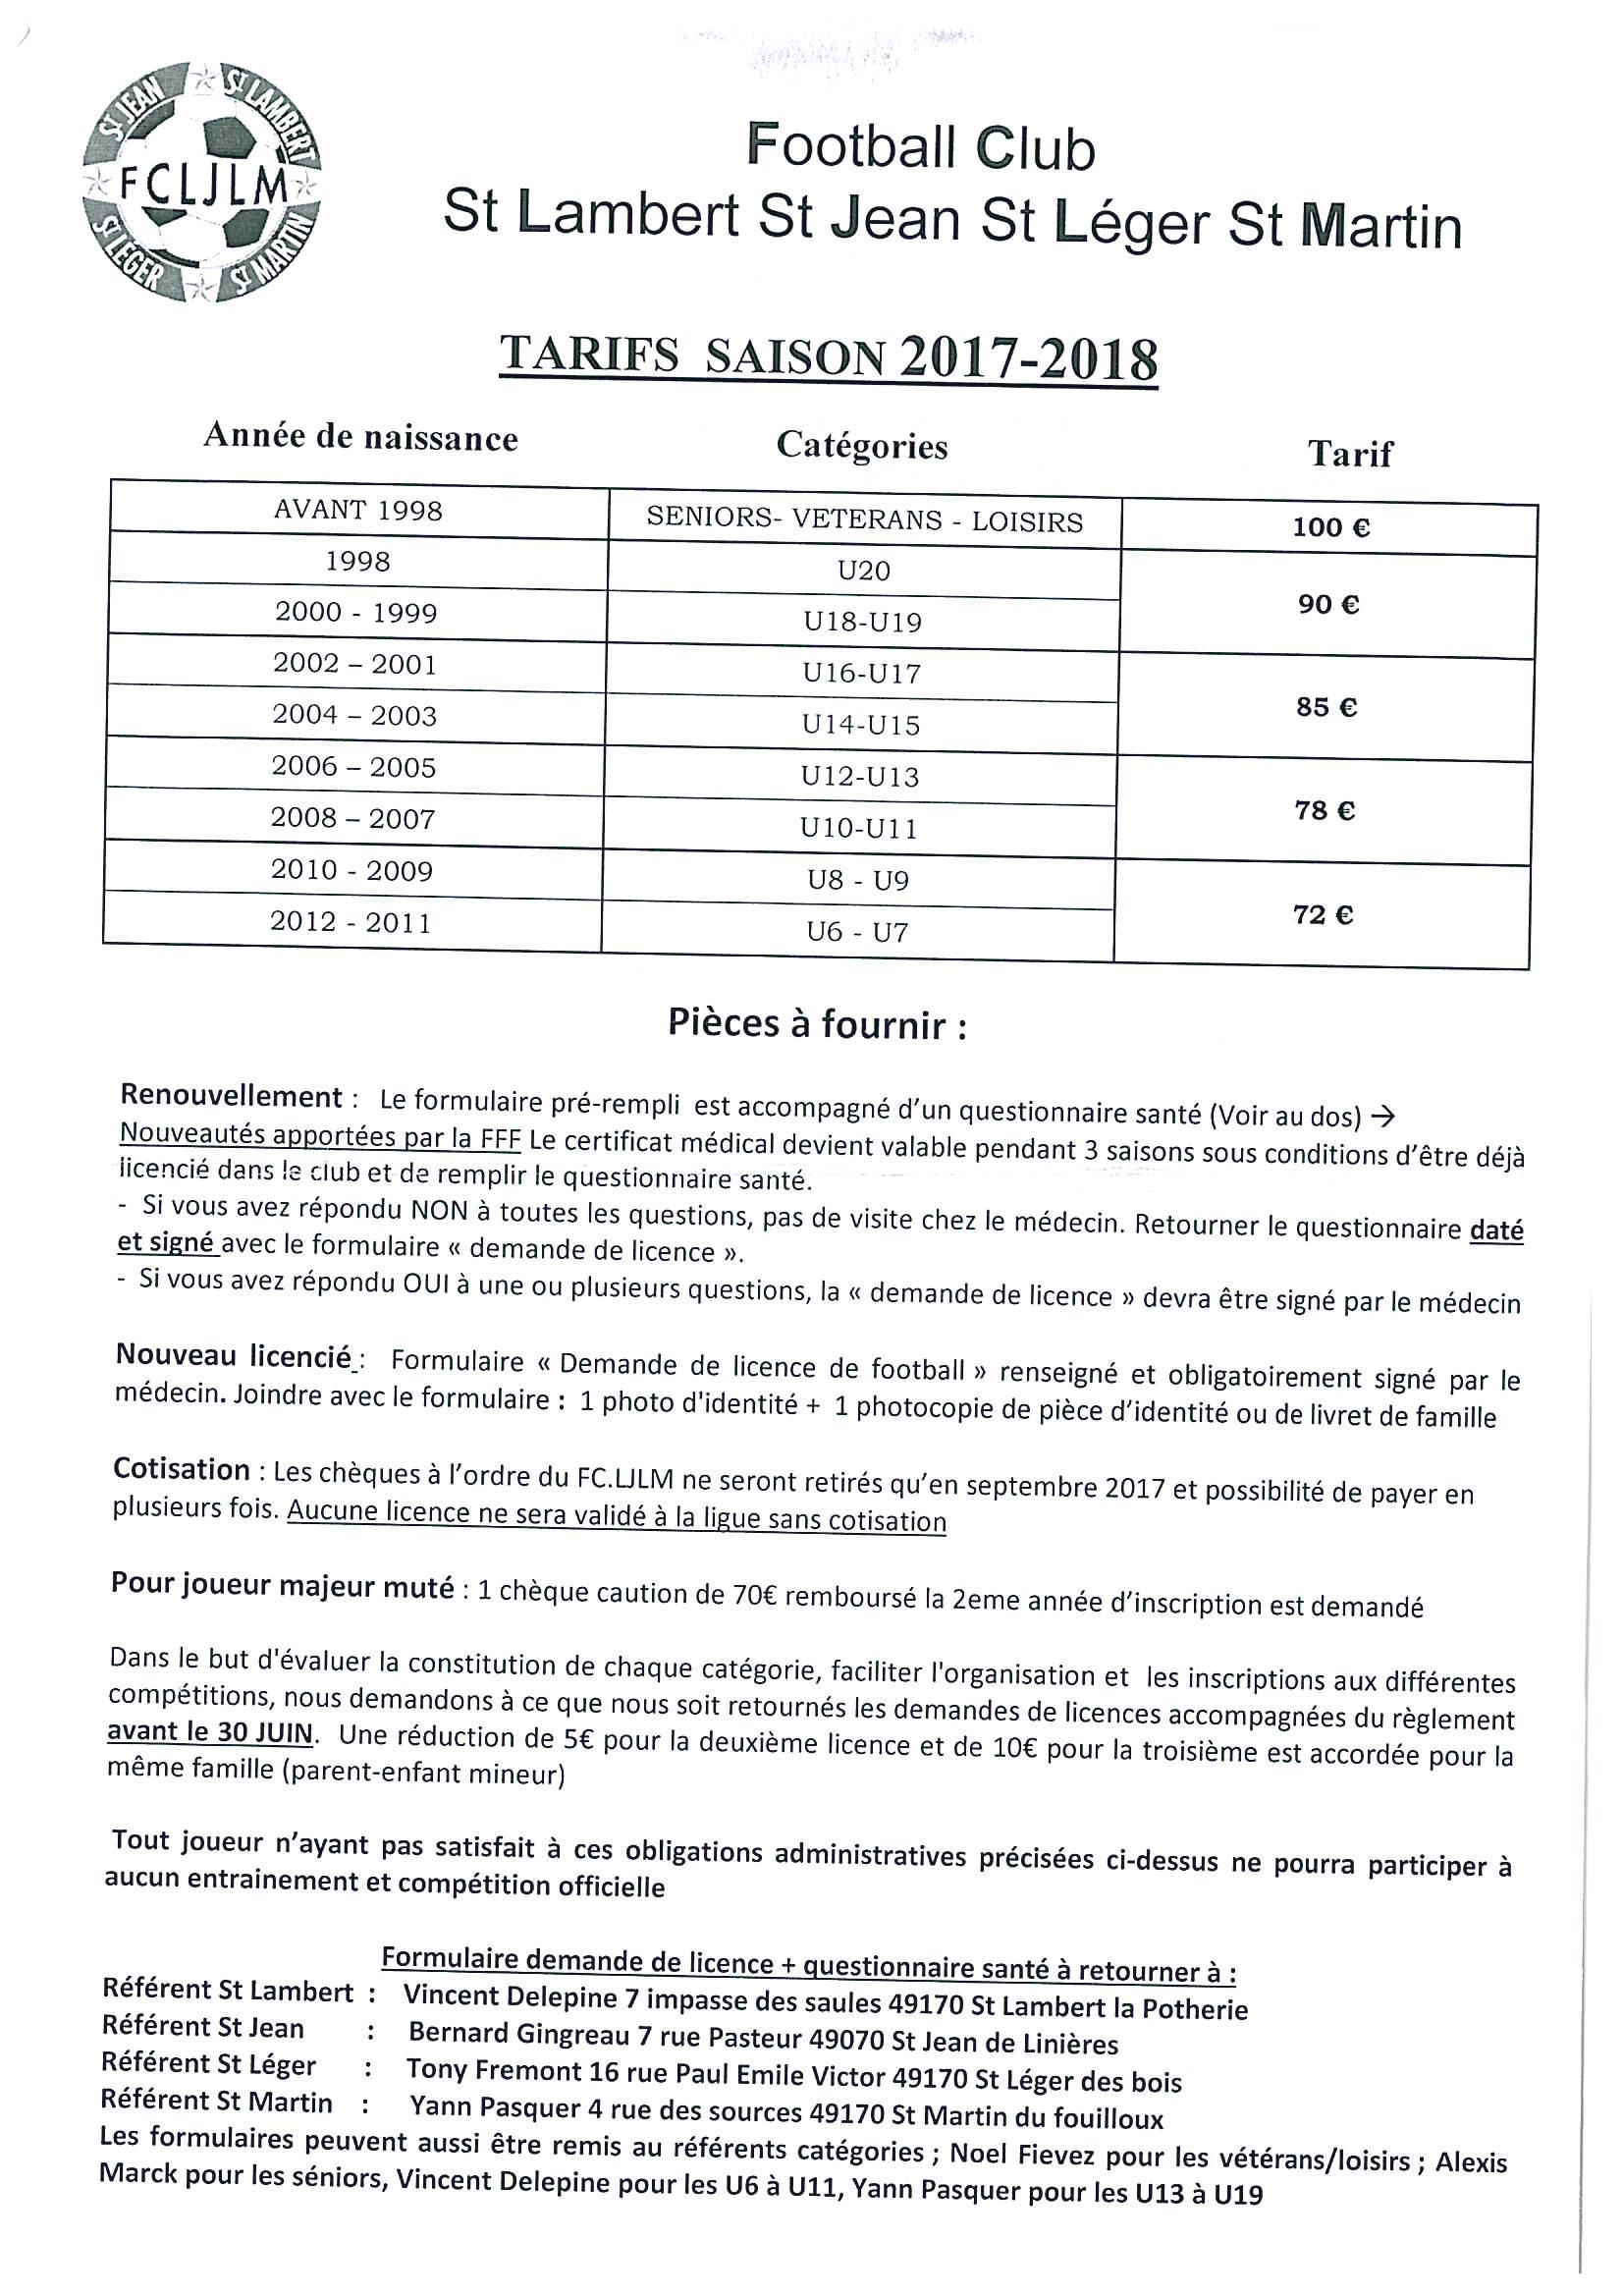 Tarifs Licence FC LJLM 2017 2018.jpg